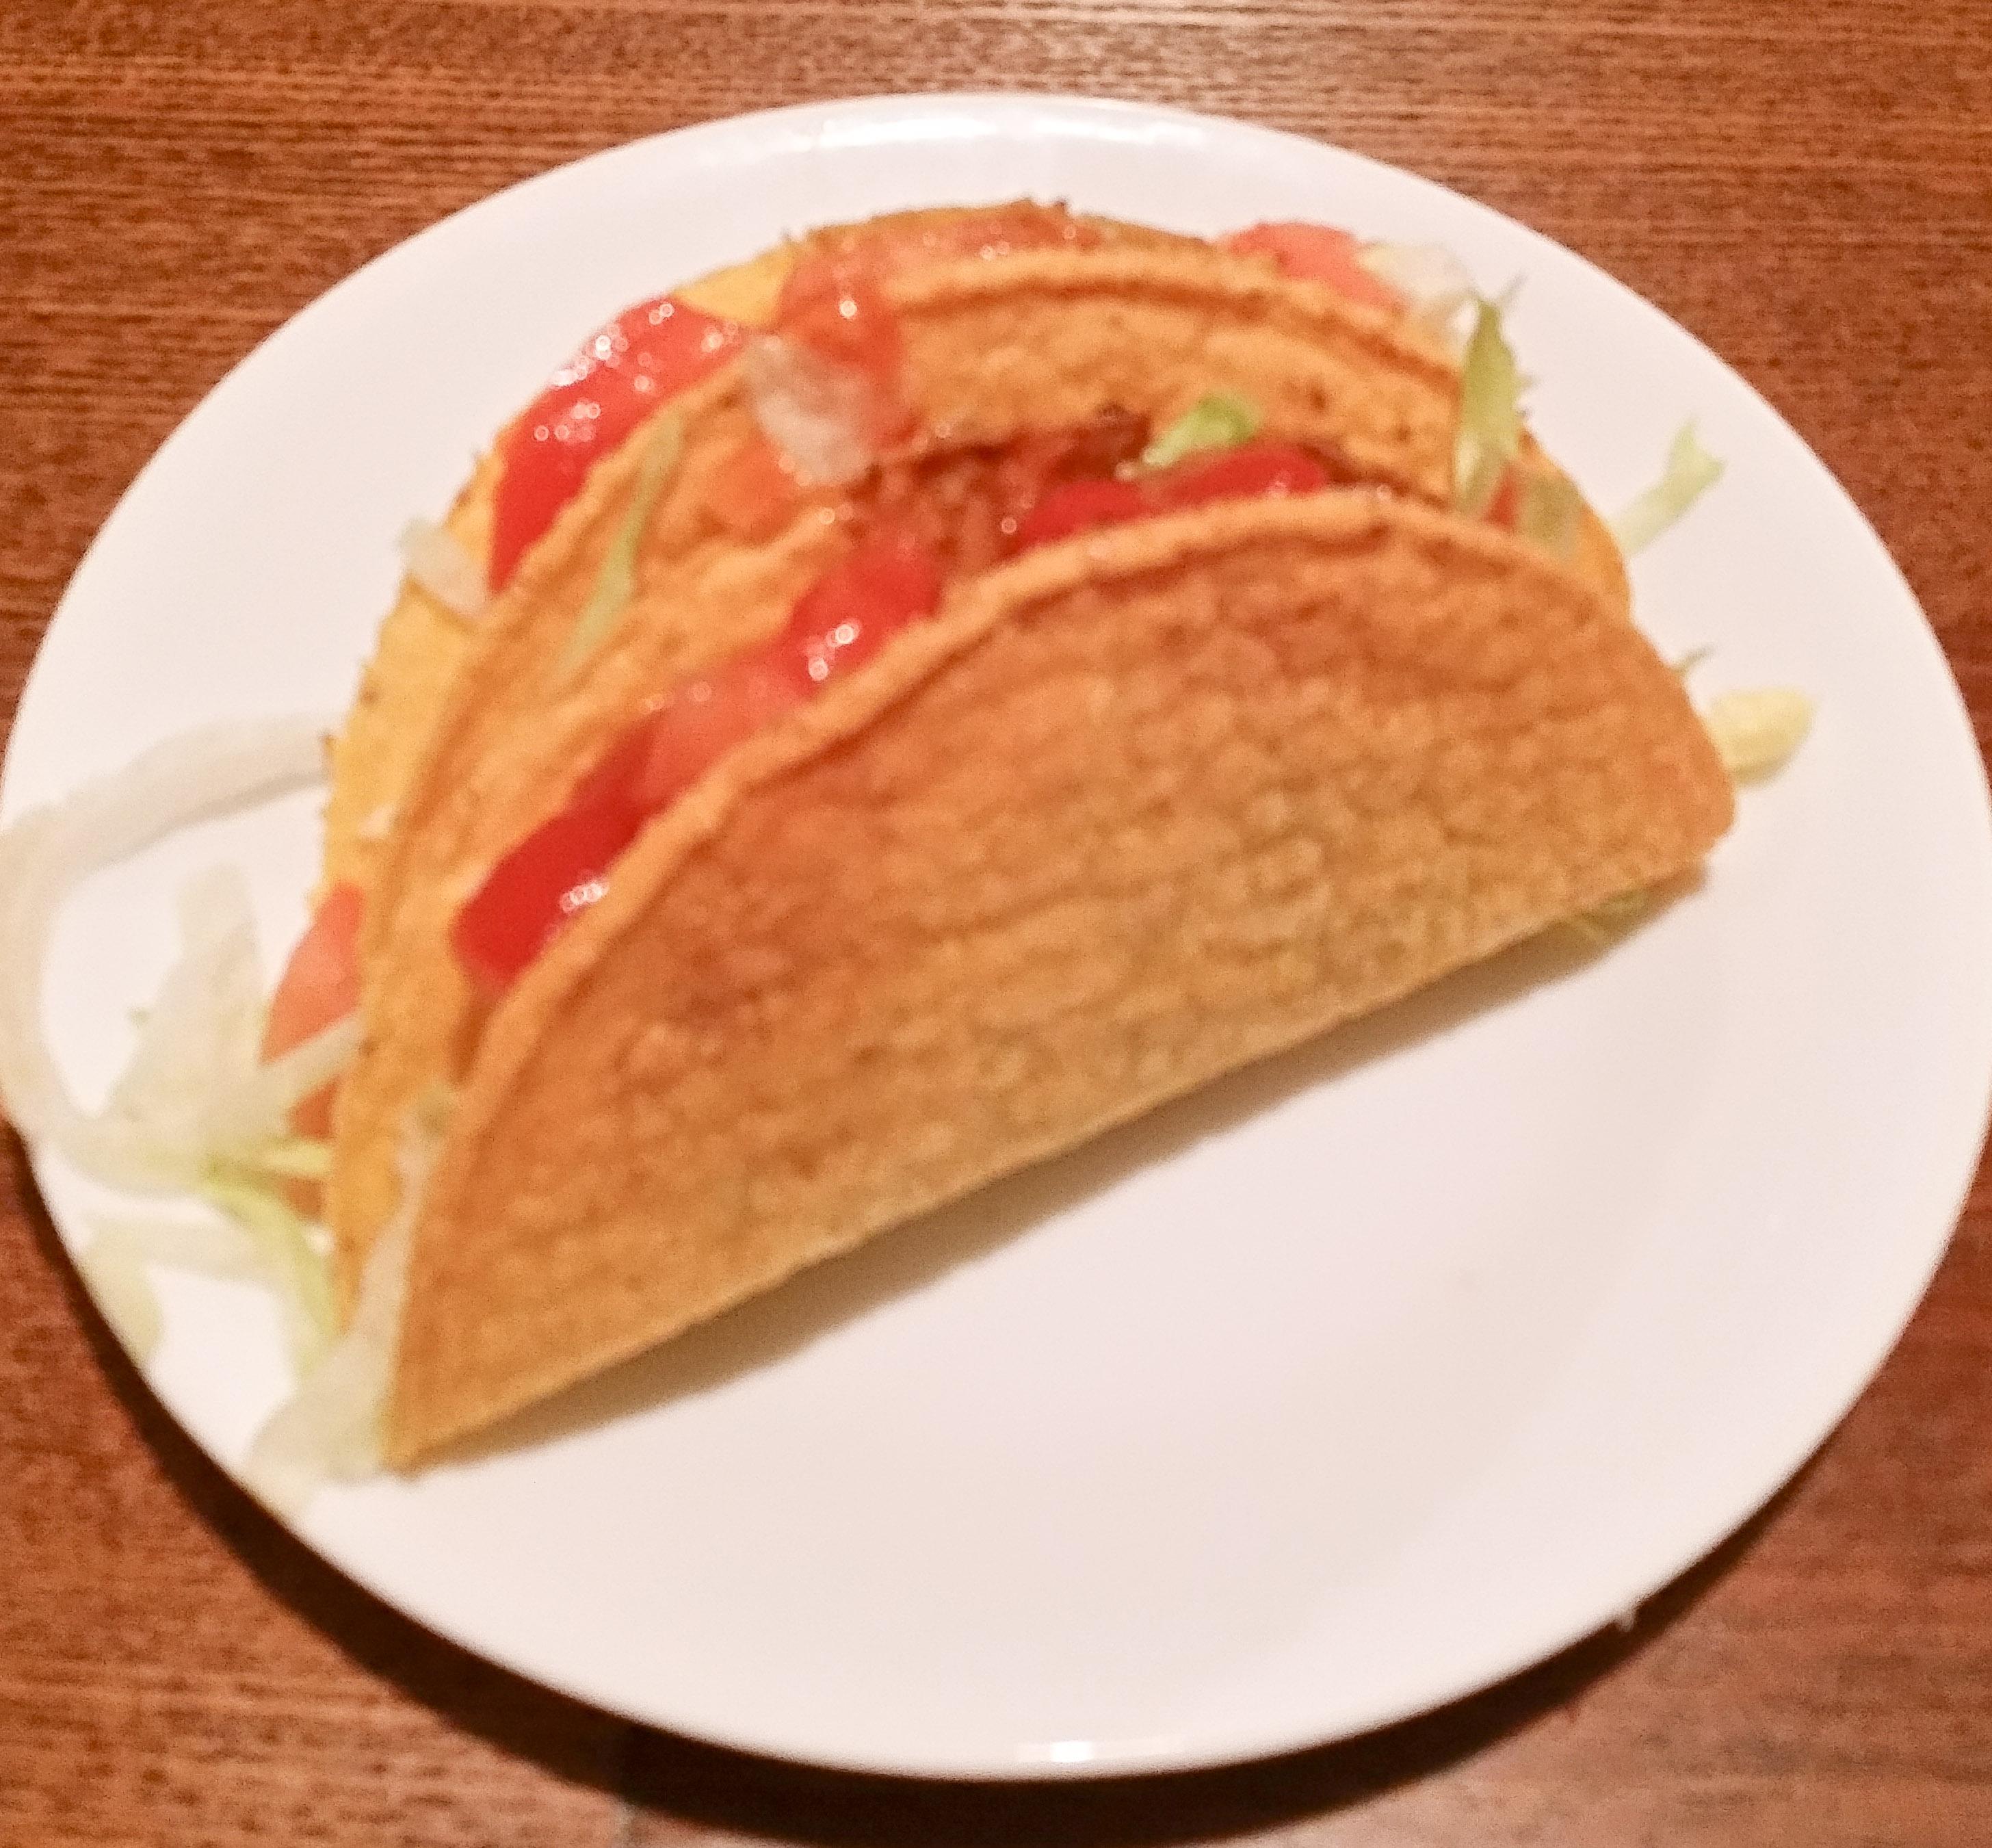 vegan life tasty tacos